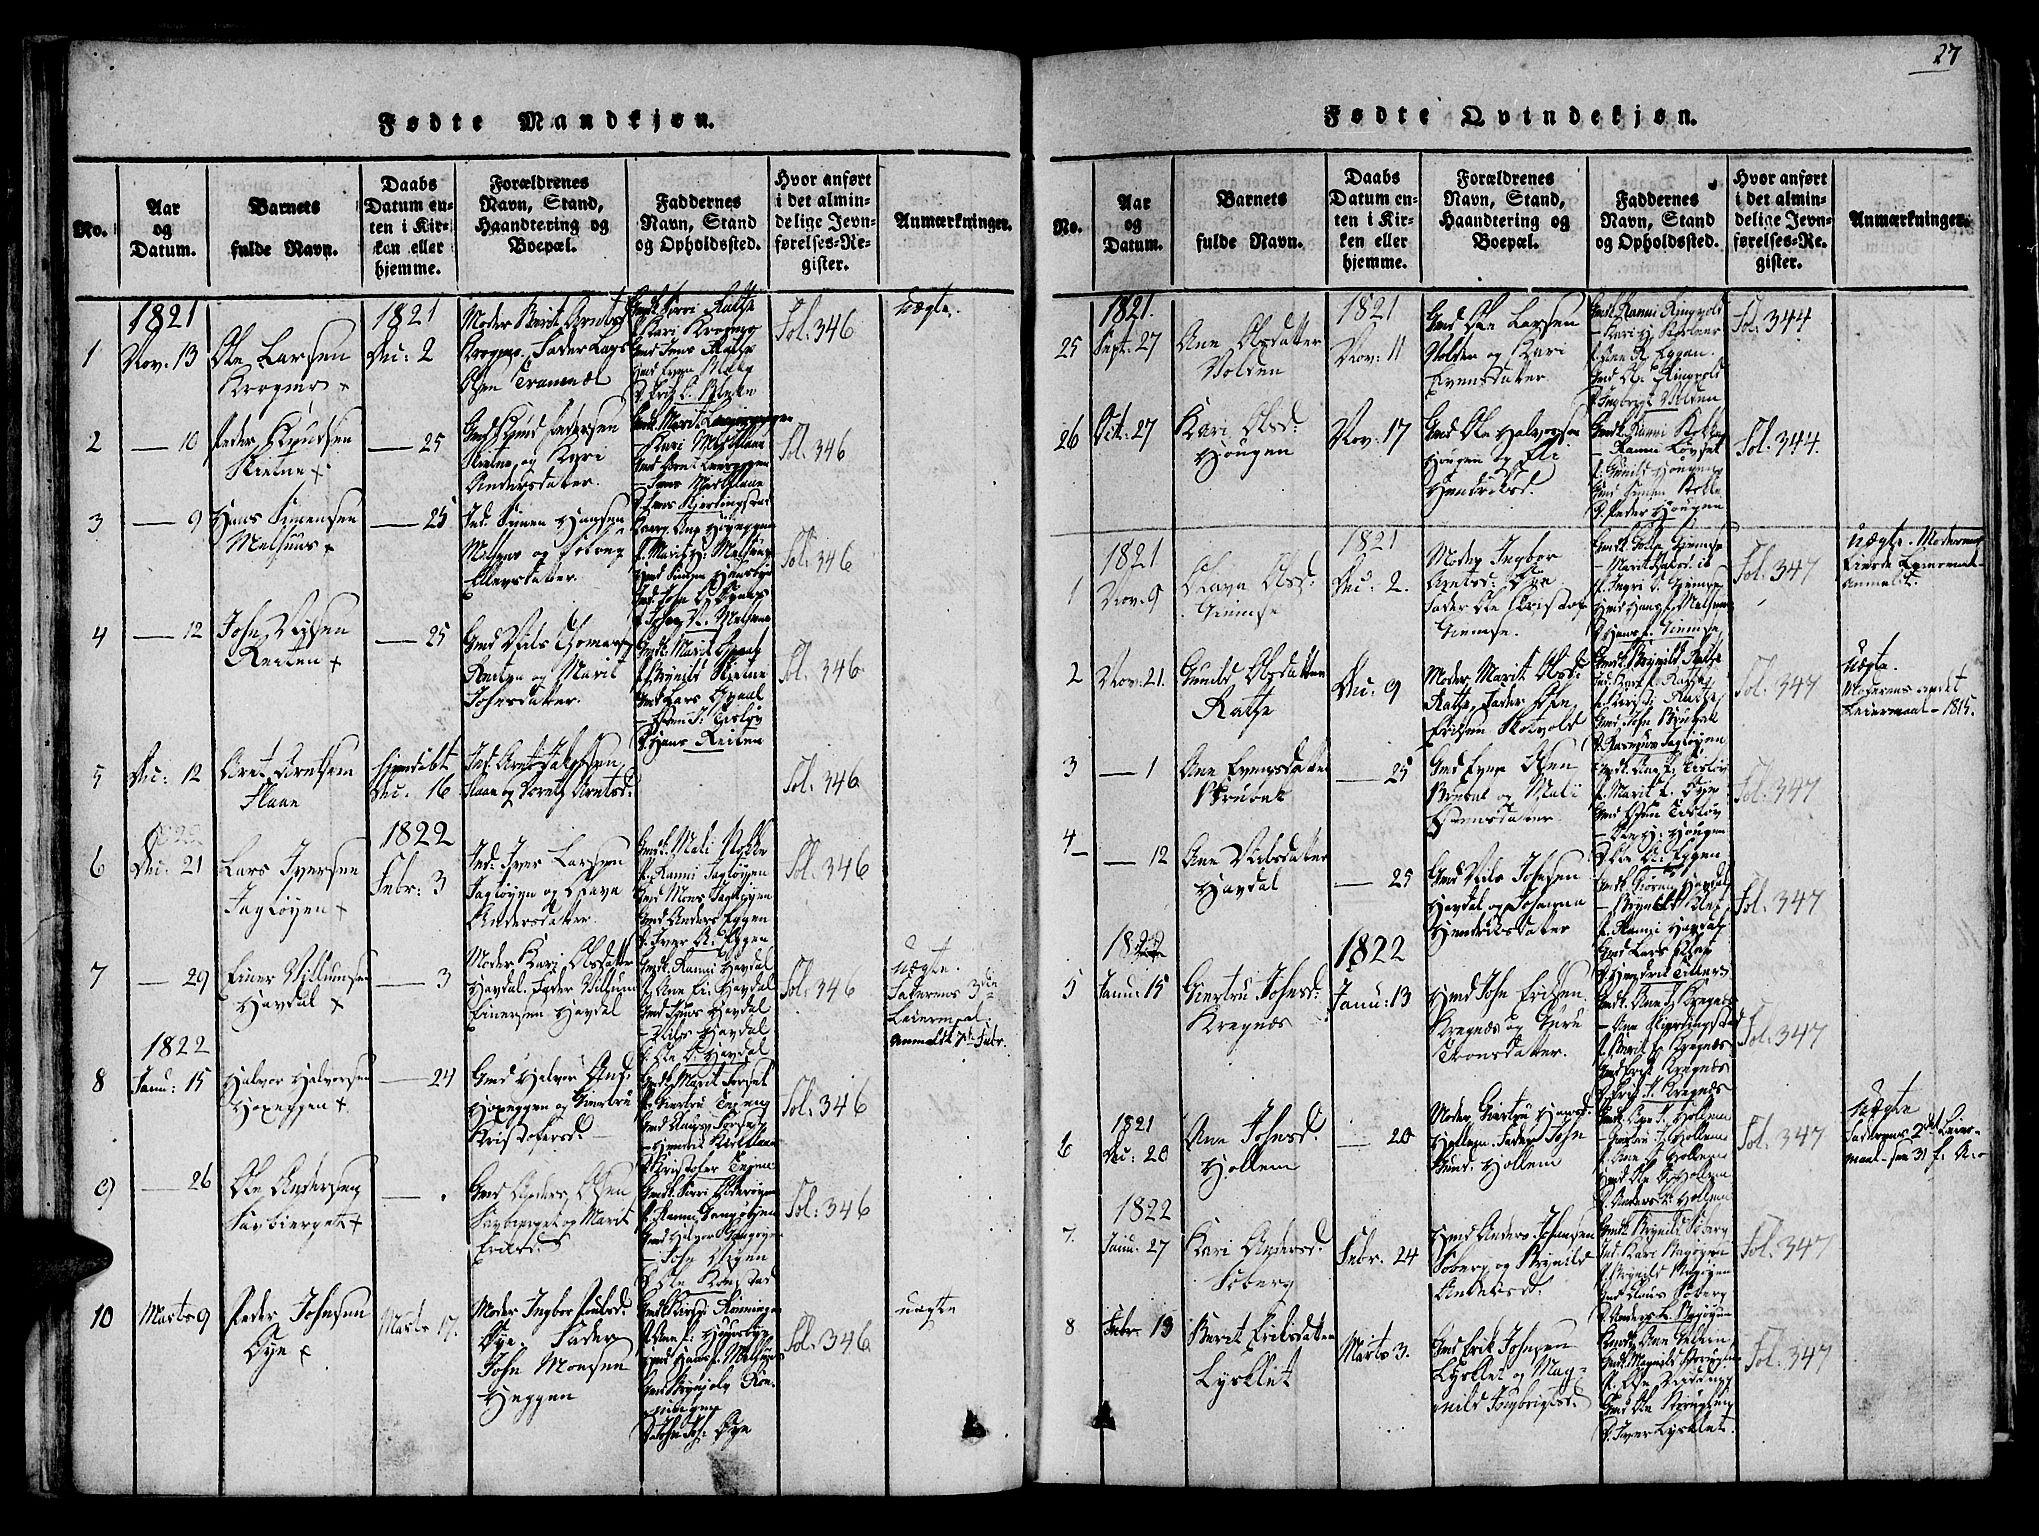 SAT, Ministerialprotokoller, klokkerbøker og fødselsregistre - Sør-Trøndelag, 691/L1065: Ministerialbok nr. 691A03 /1, 1816-1826, s. 27